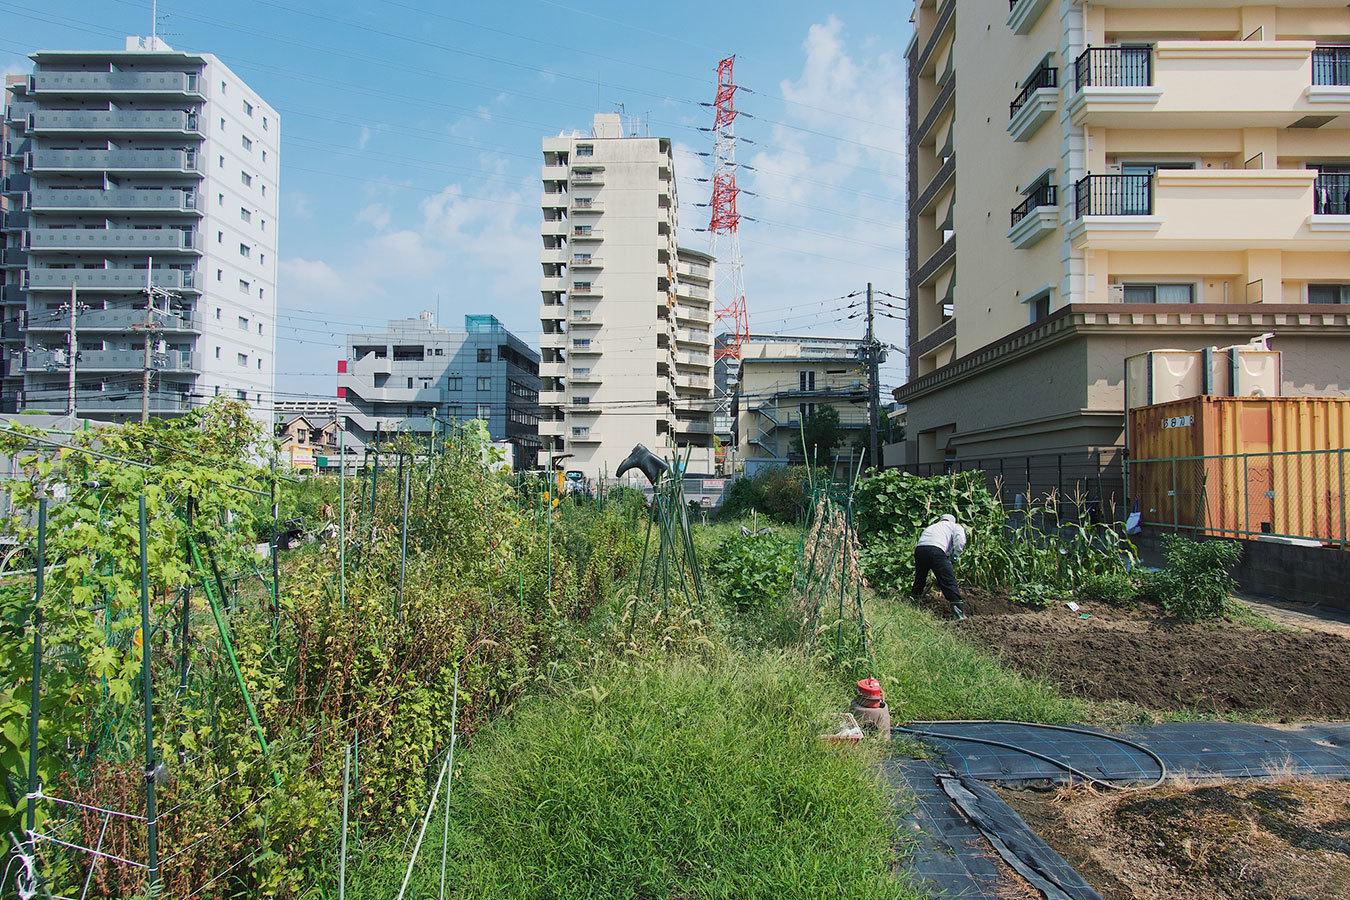 都市農業とは?これからの社会が考えるべき新しい緑化の形